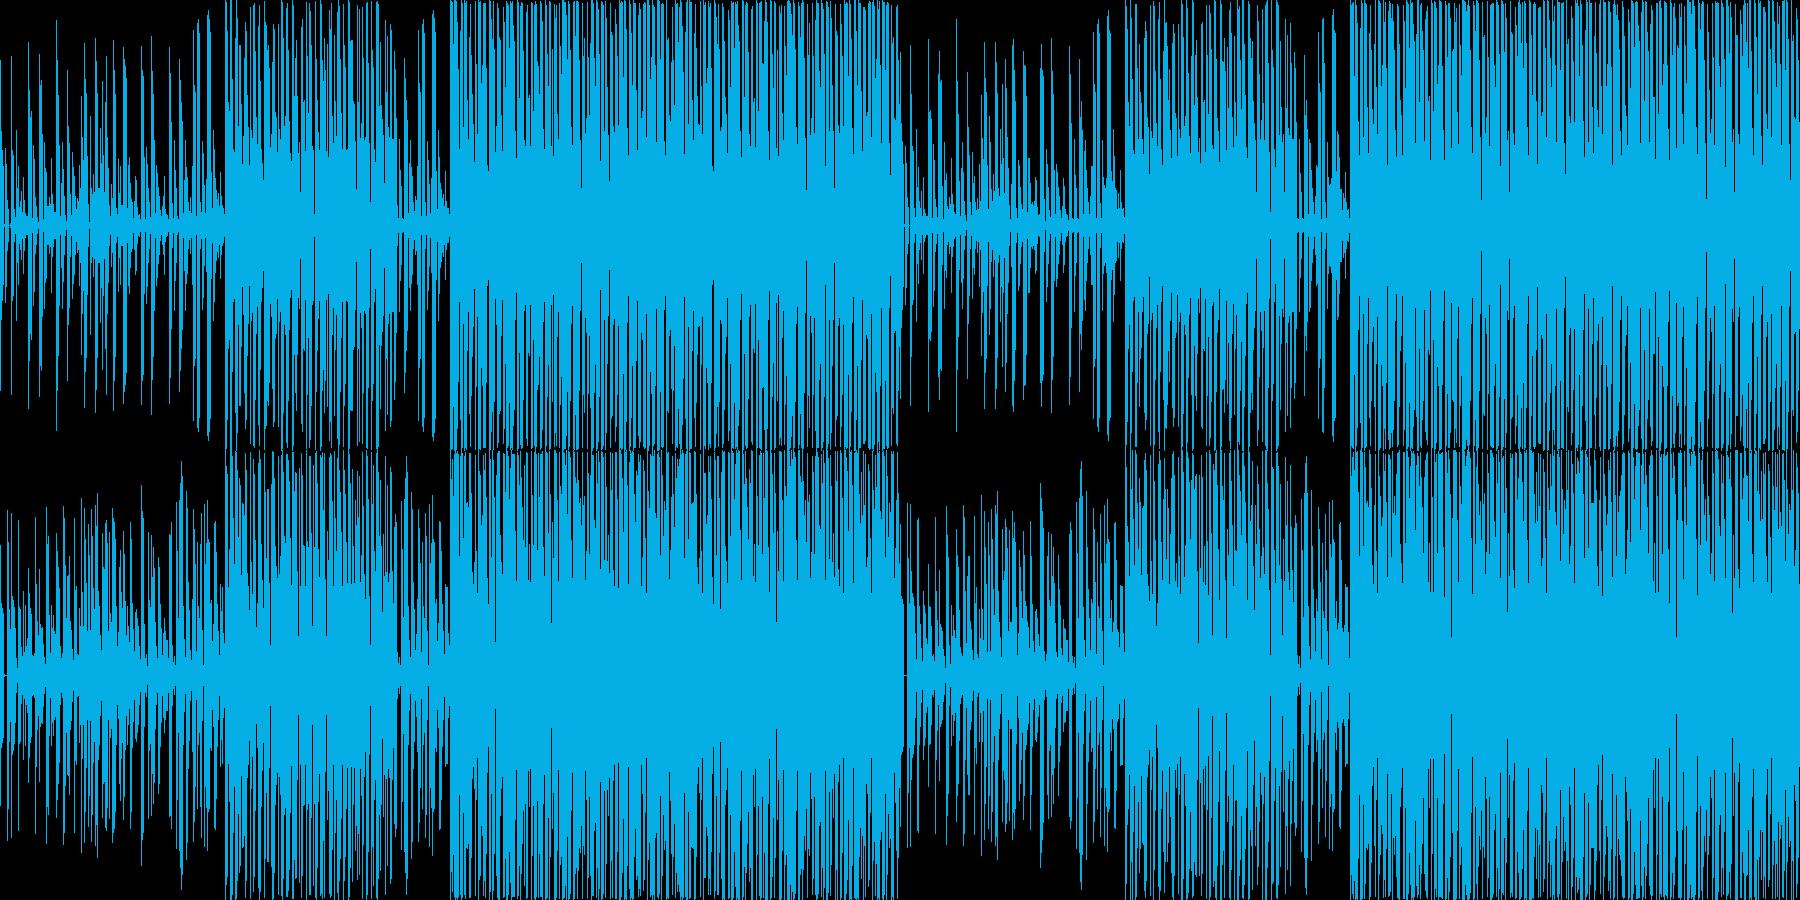 【ニュース/報道番組/近未来/BGM】の再生済みの波形